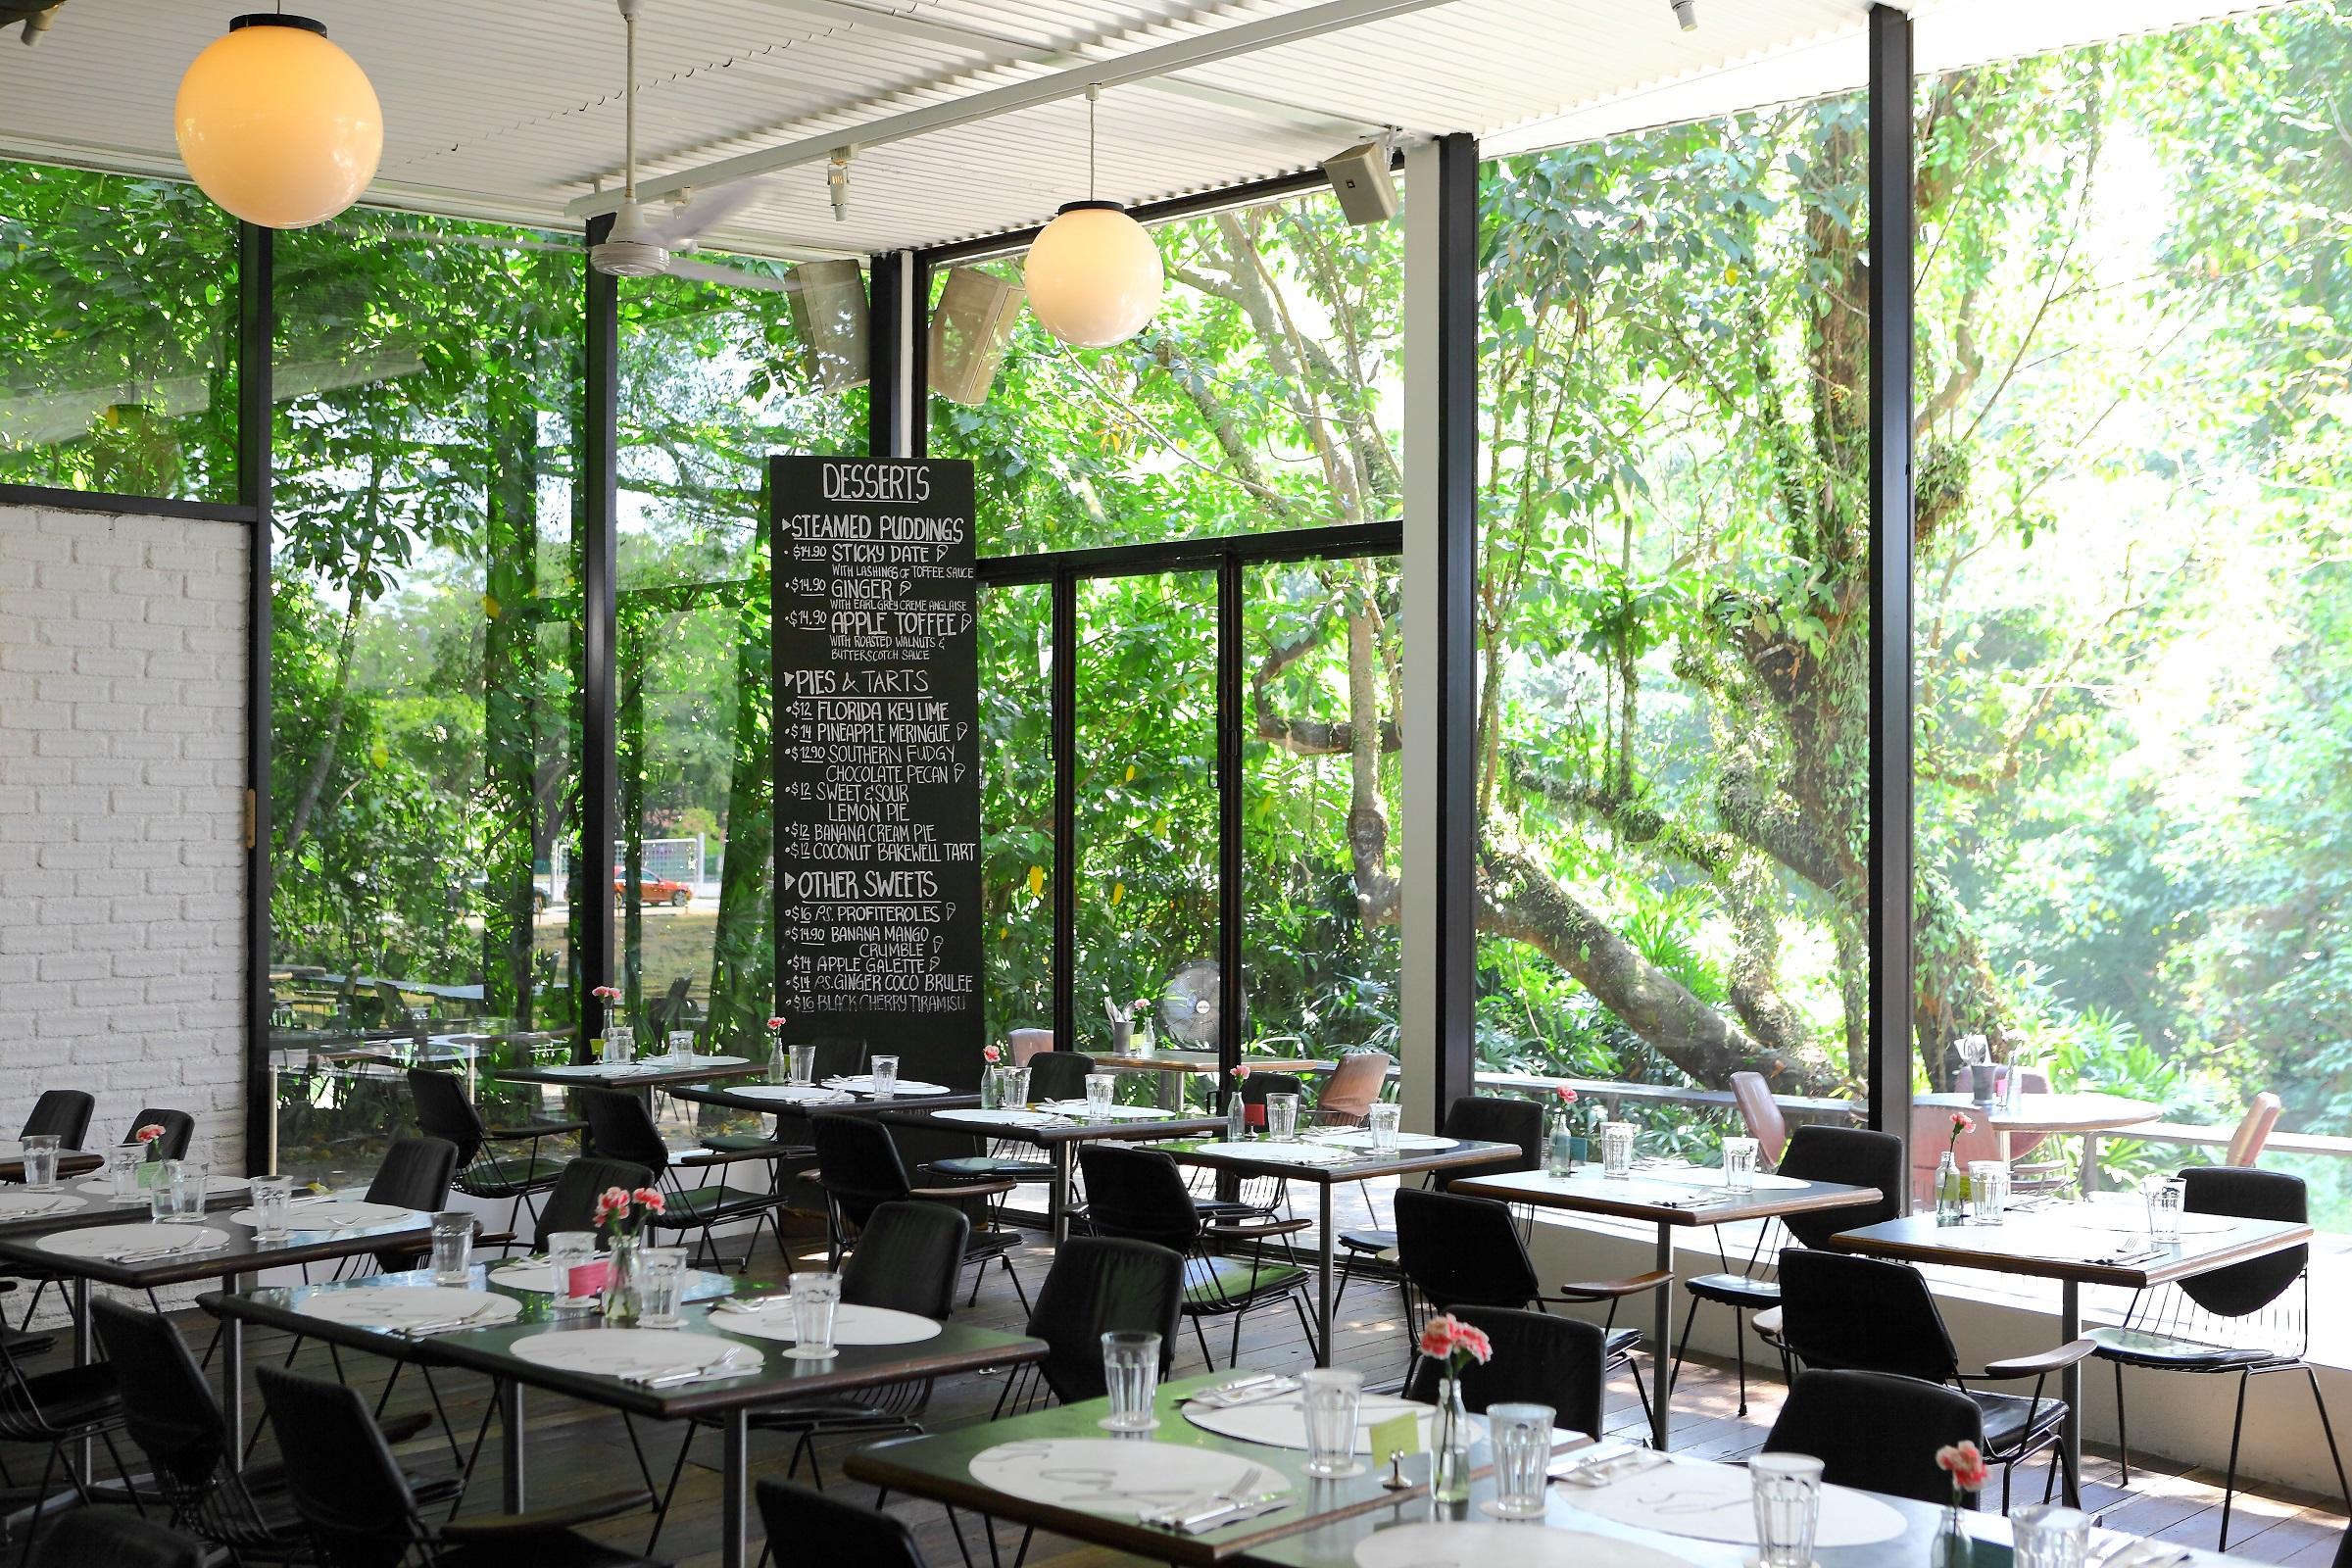 Nhà hàng PS. Cafe tọa lạc bên trong khuôn viên Dempsey Hill. Siêu mẫu ghé thăm nơi này mỗi chiều, ngồi nhâm nhi tách trà, trò chuyện cùng bạn bè...